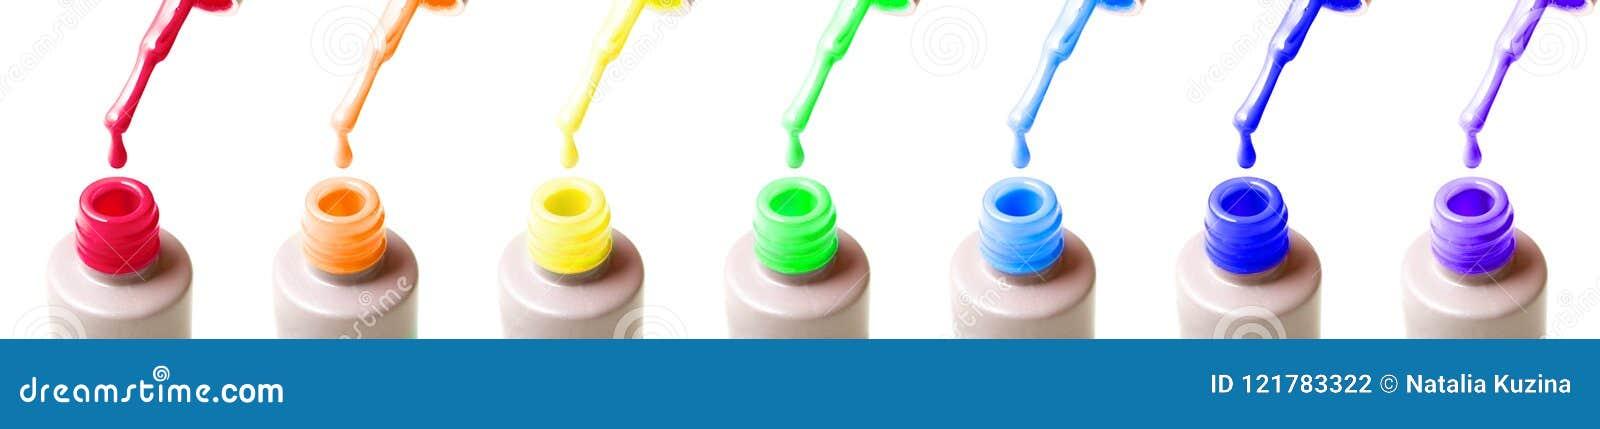 Τα πρόσθετα ευρέα μπουκάλια μανικιούρ ουράνιων τόξων πήζουν τη στιλβωτική ουσία, τις βούρτσες και τις πτώσεις καρφιών των κόκκινω